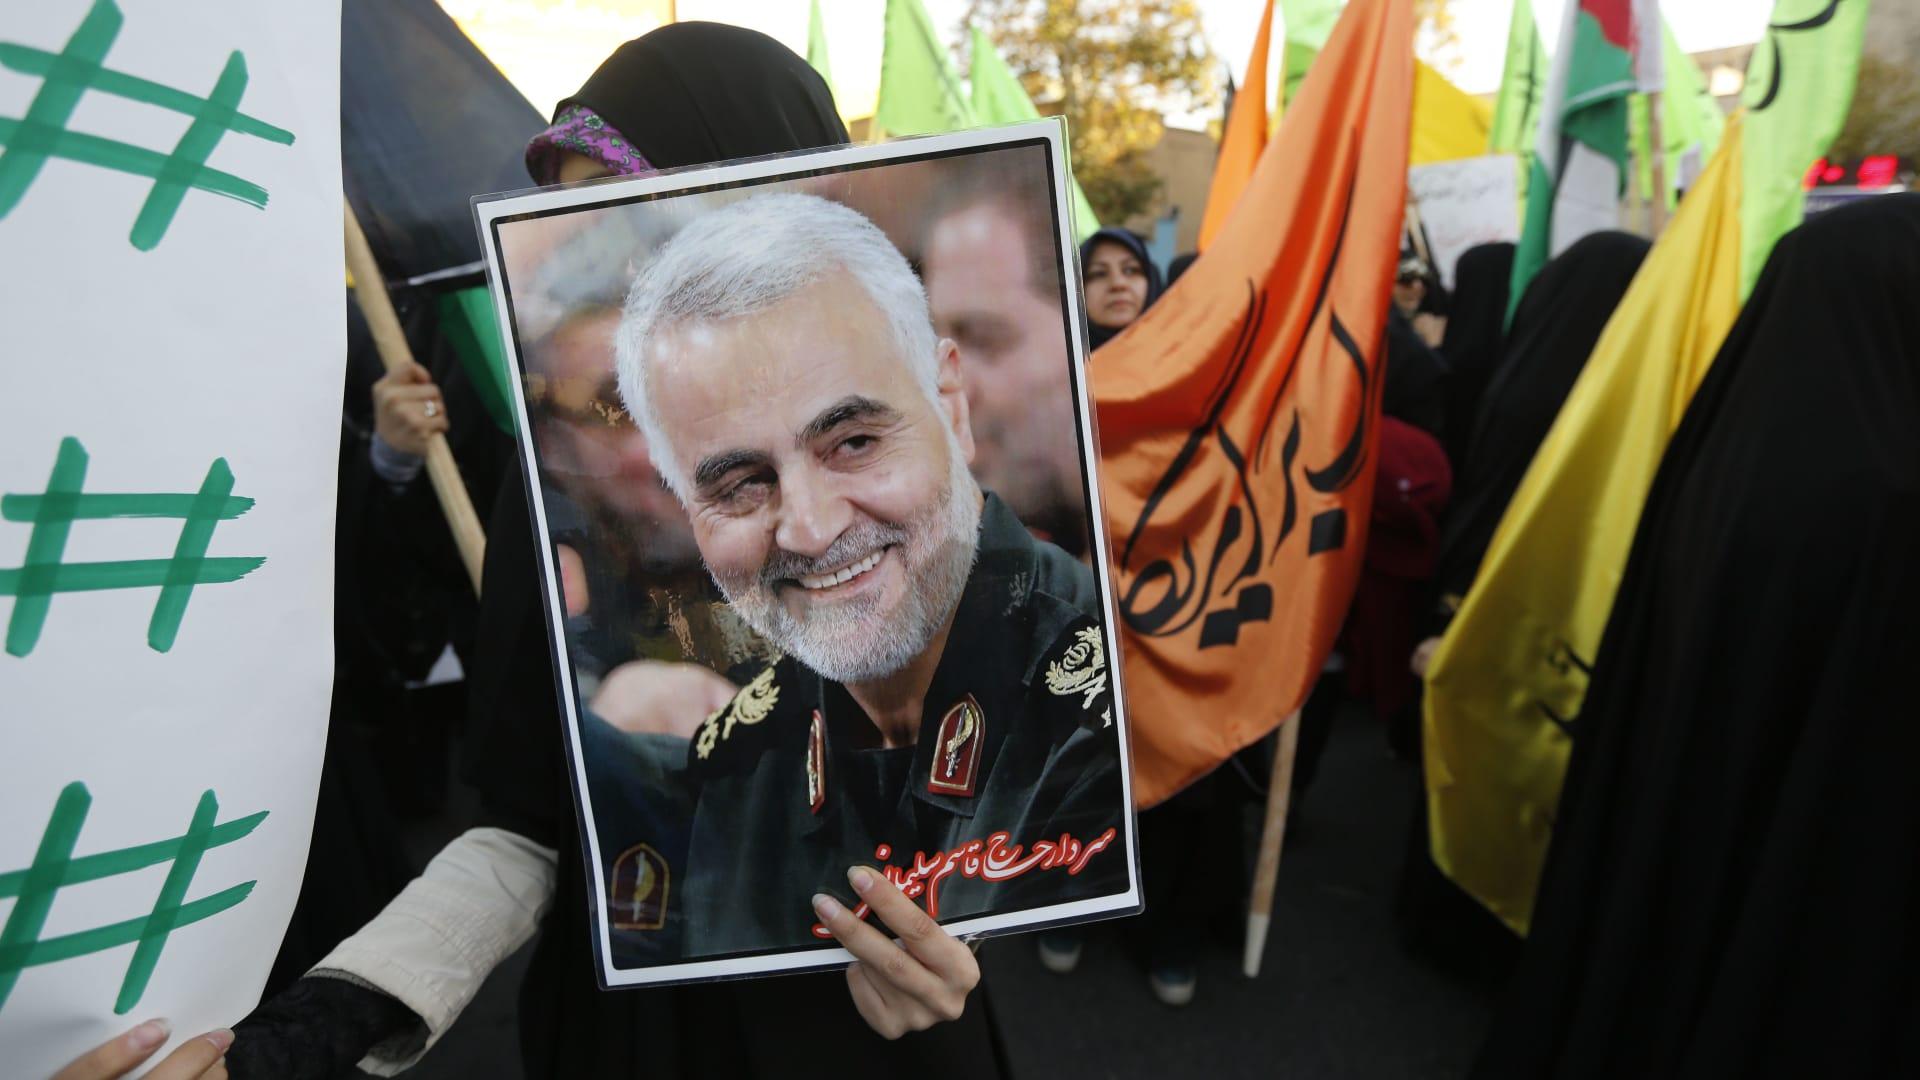 حشود ضخمة في جنازة قاسم سليماني بمسقط رأسه بمدينة كرمان